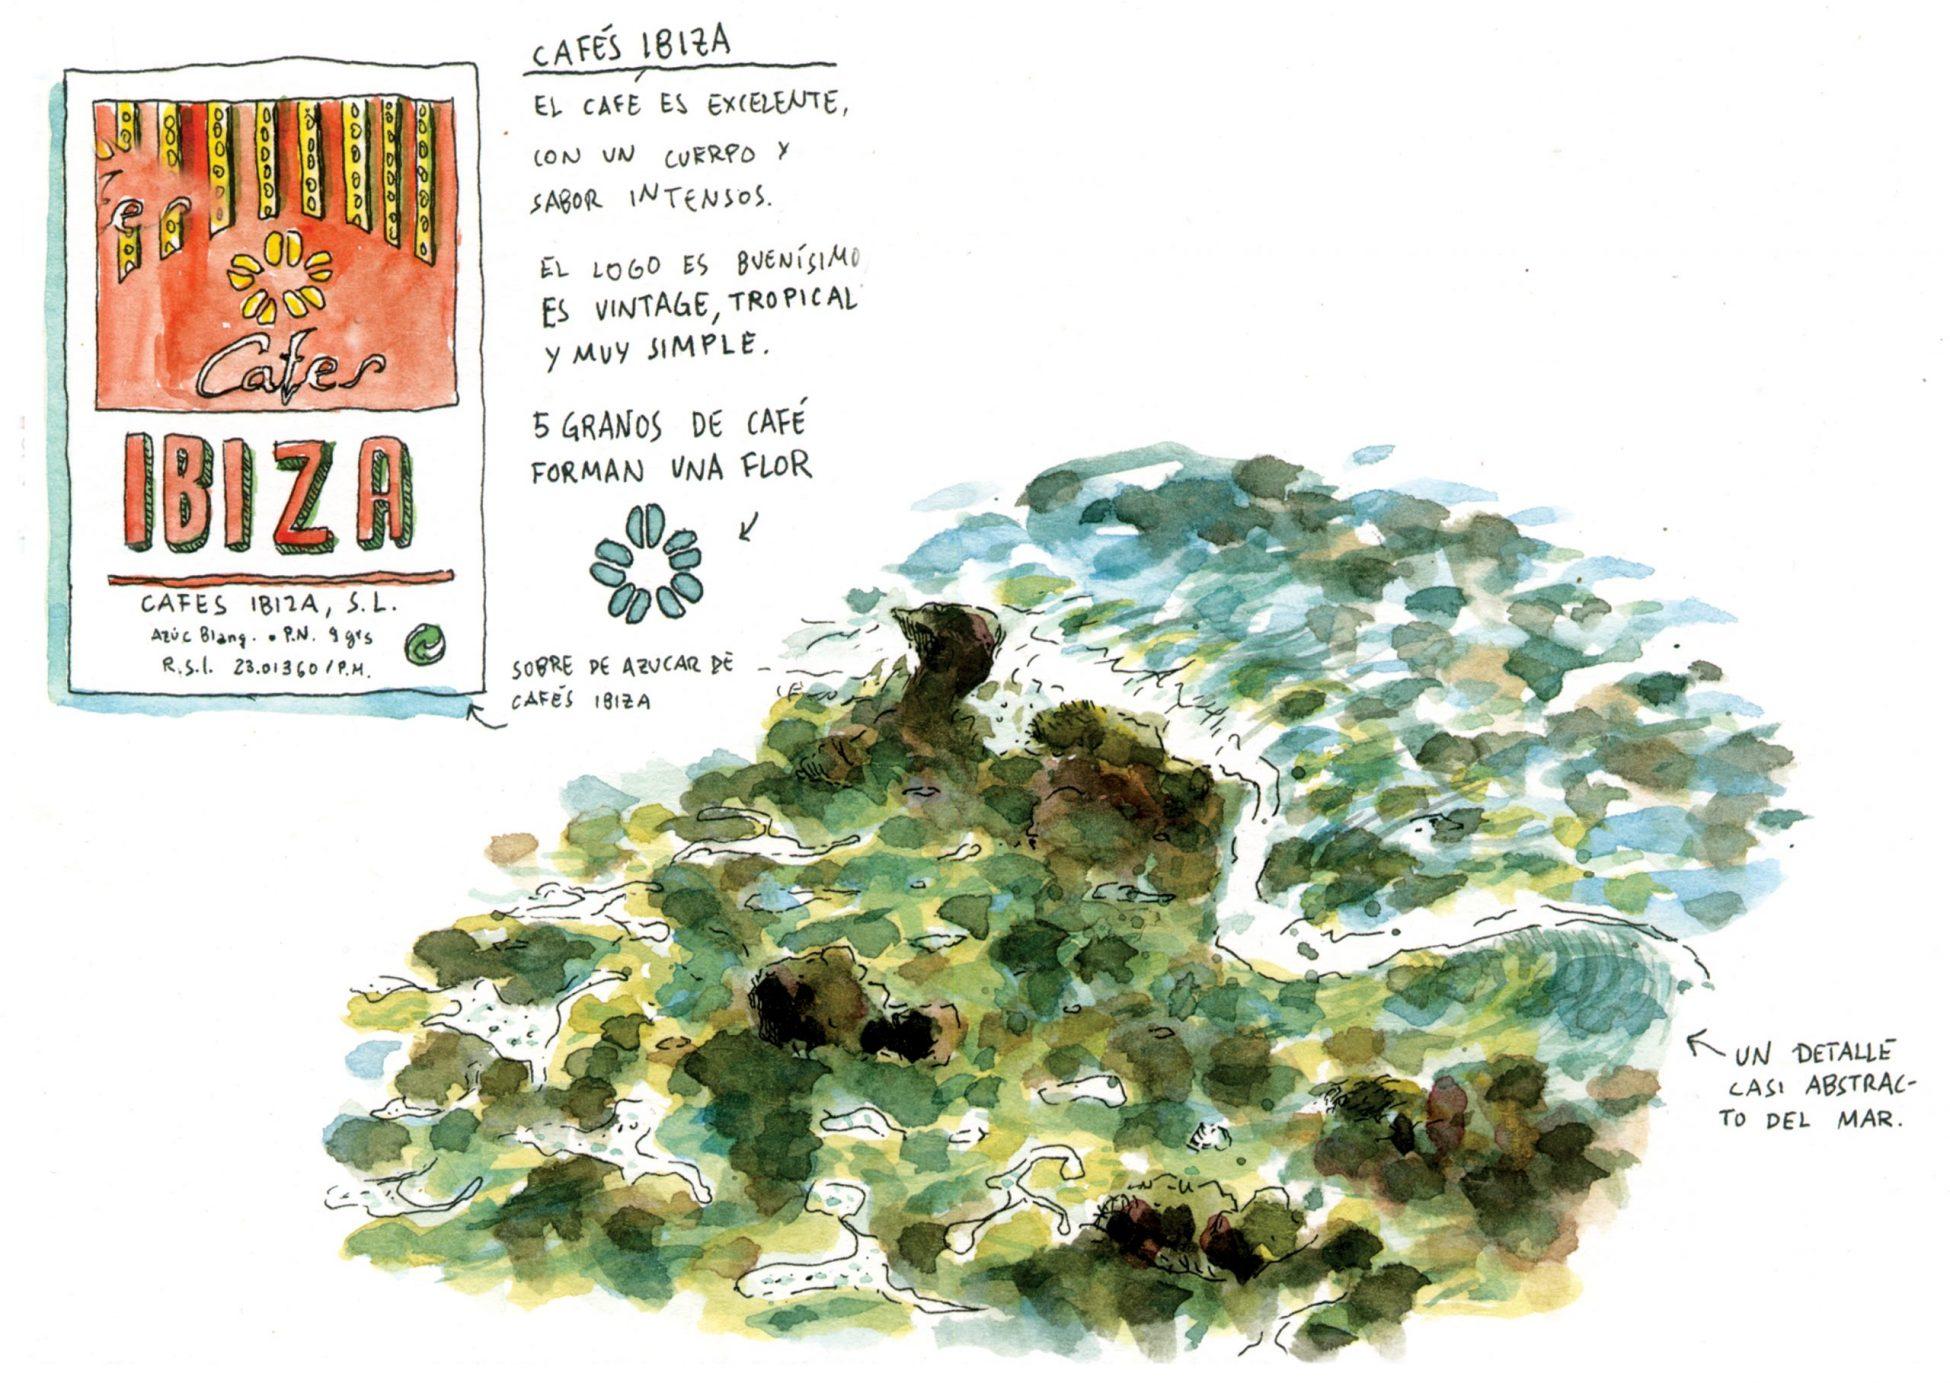 Dibujo en acuarela de una ola en Ibiza y café